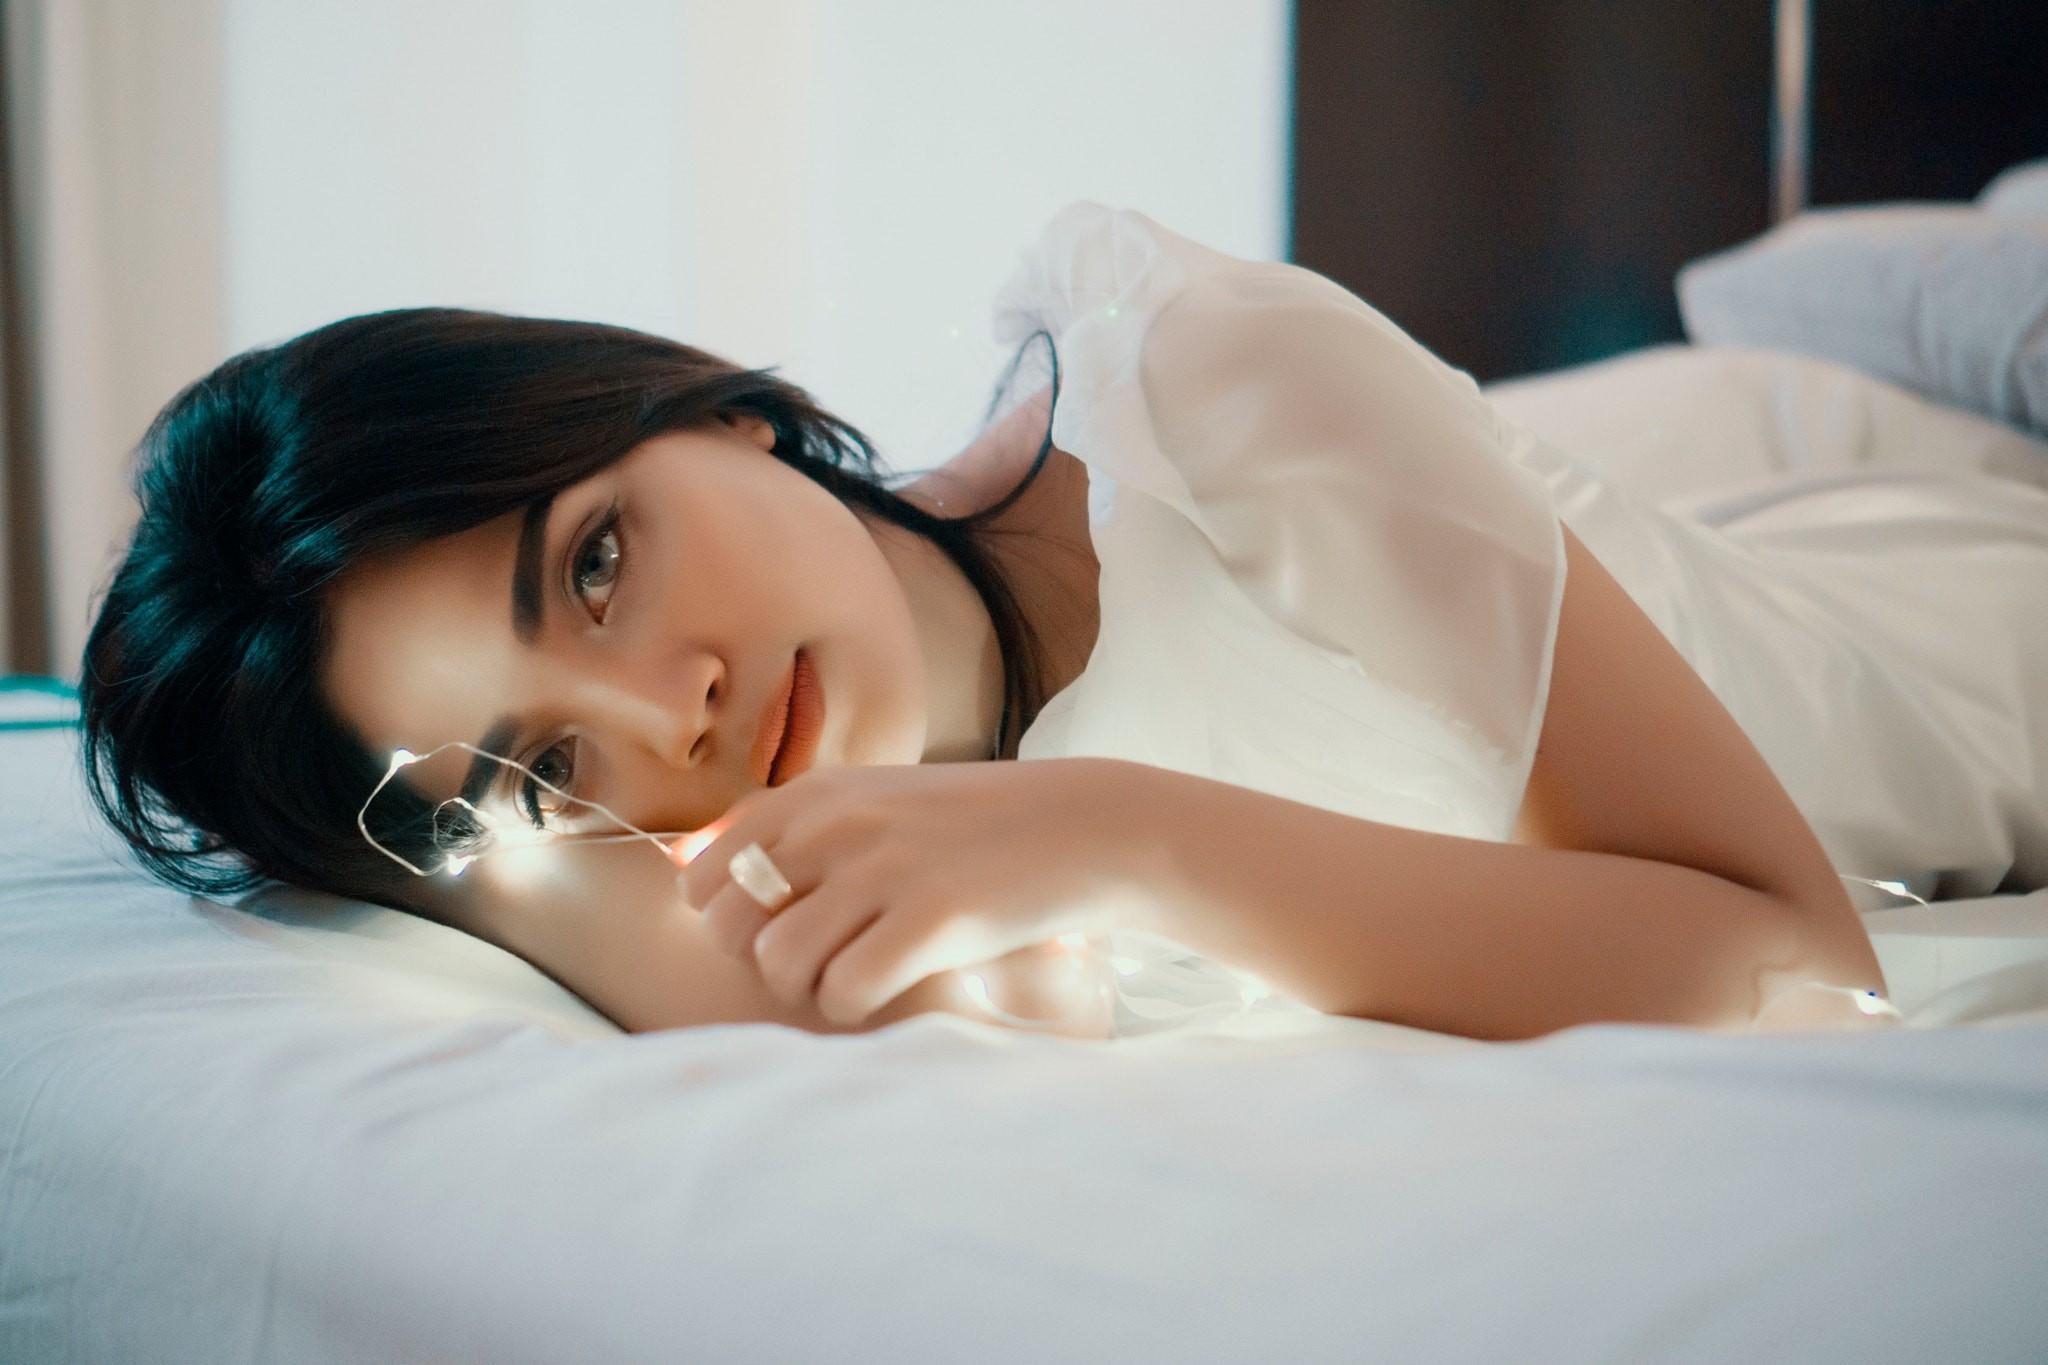 Фото девушек брюнеток в постели по домашнему, Голые жены в постели (34 фото) Частное 23 фотография